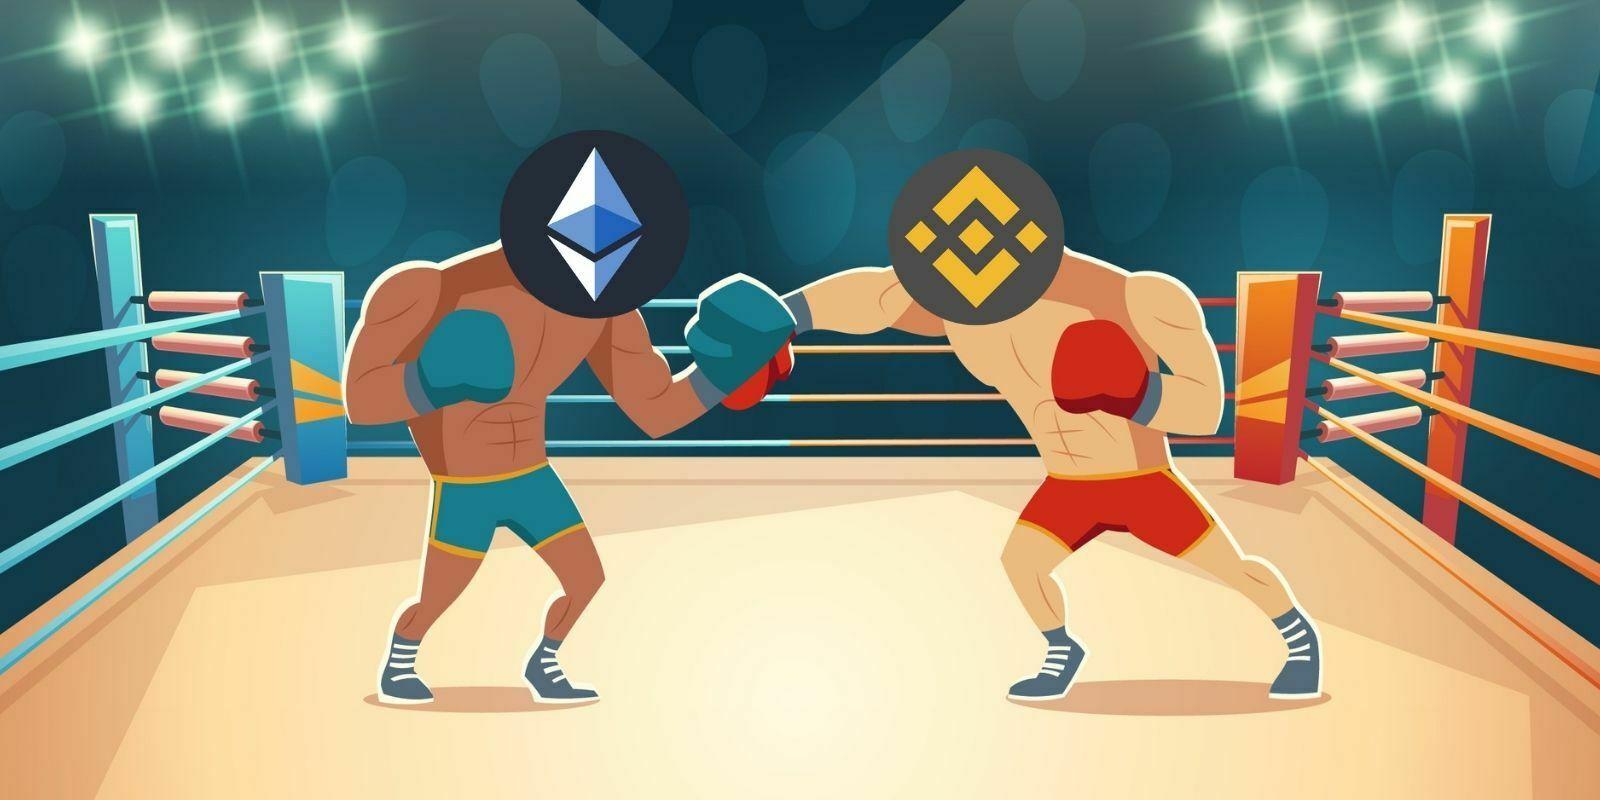 Binance Smart Chain dépasse Ethereum en termes de transactions journalières